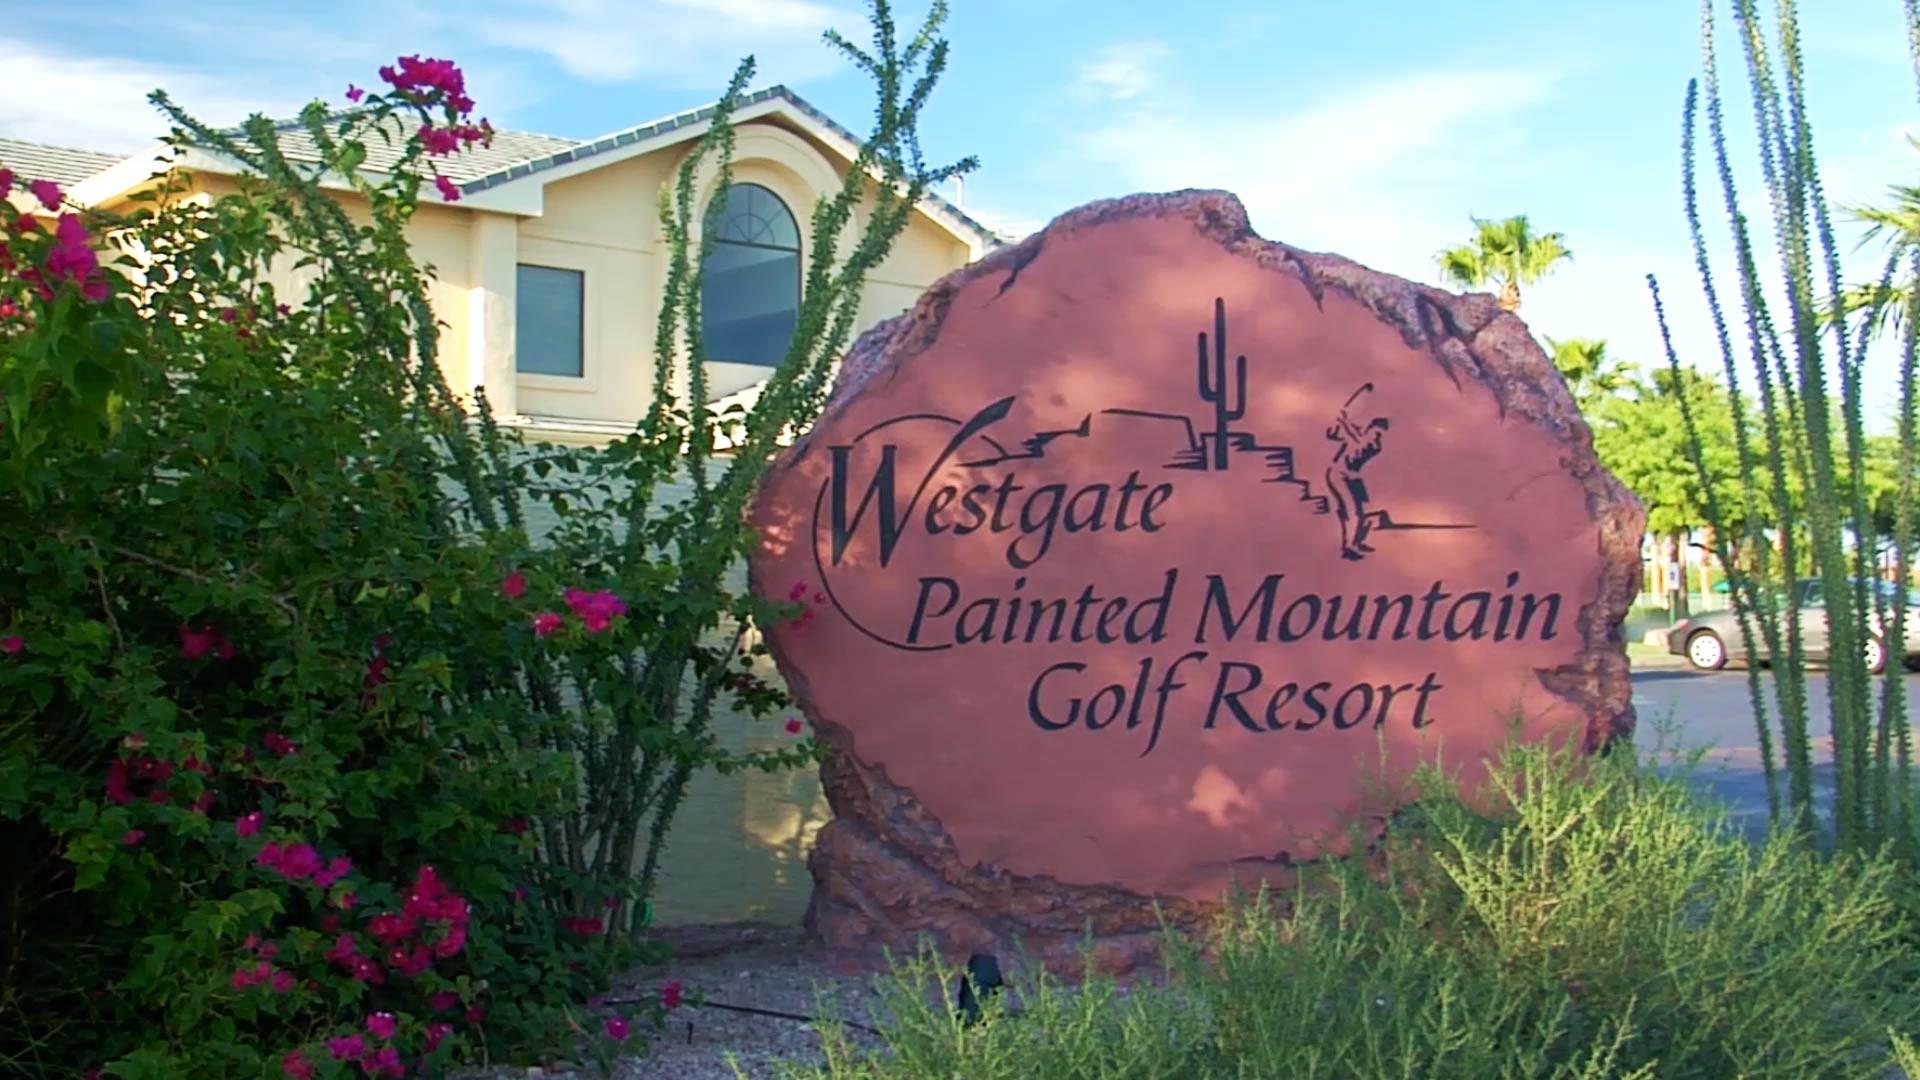 westgate painted mountain golf resort in mesa arizona | mountain